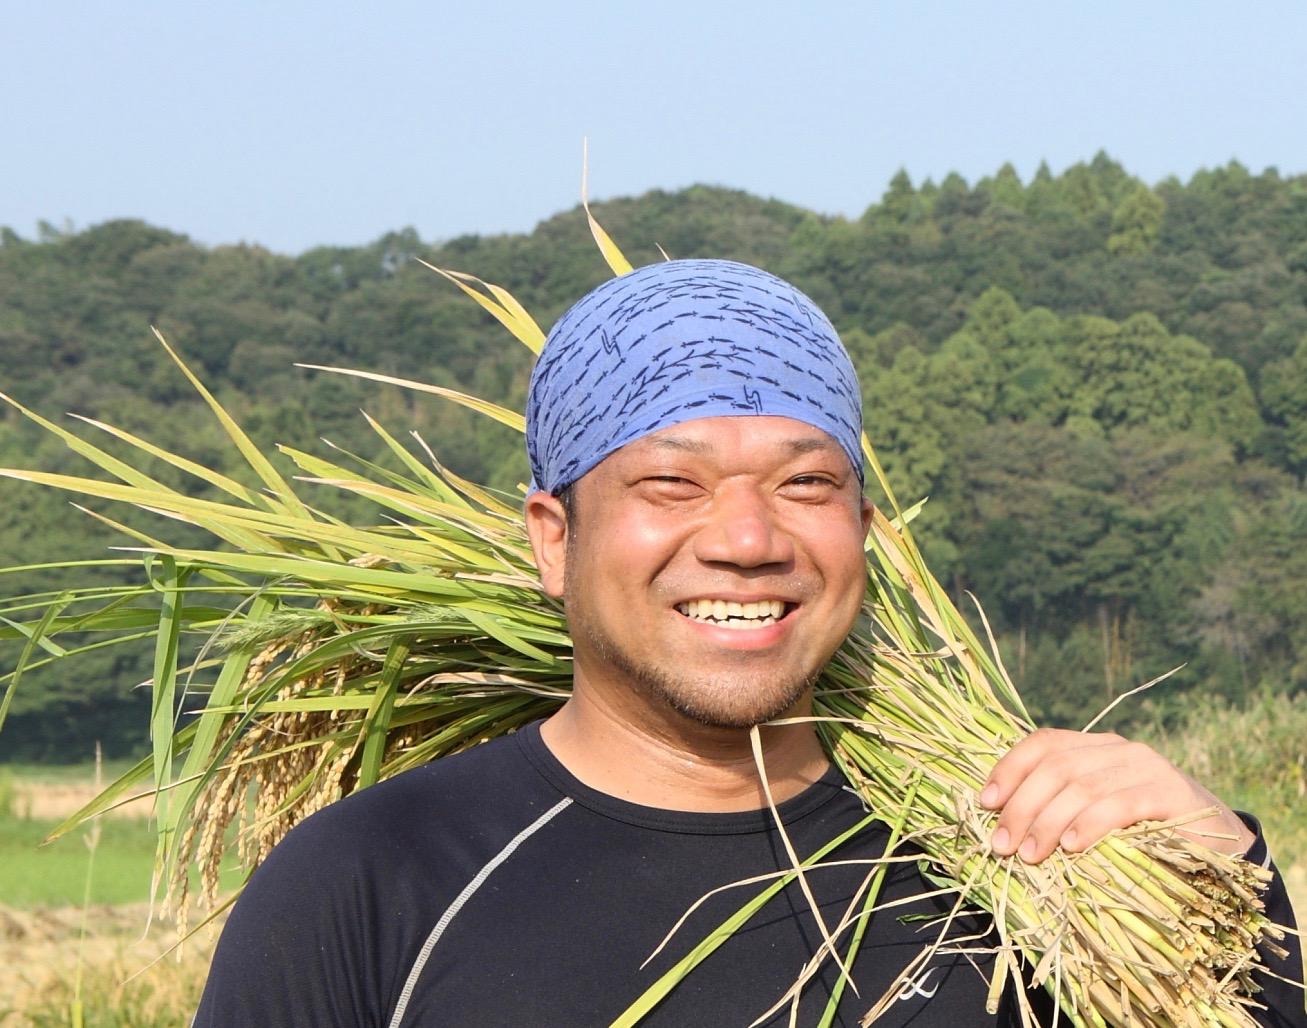 Kazumasa Haijima